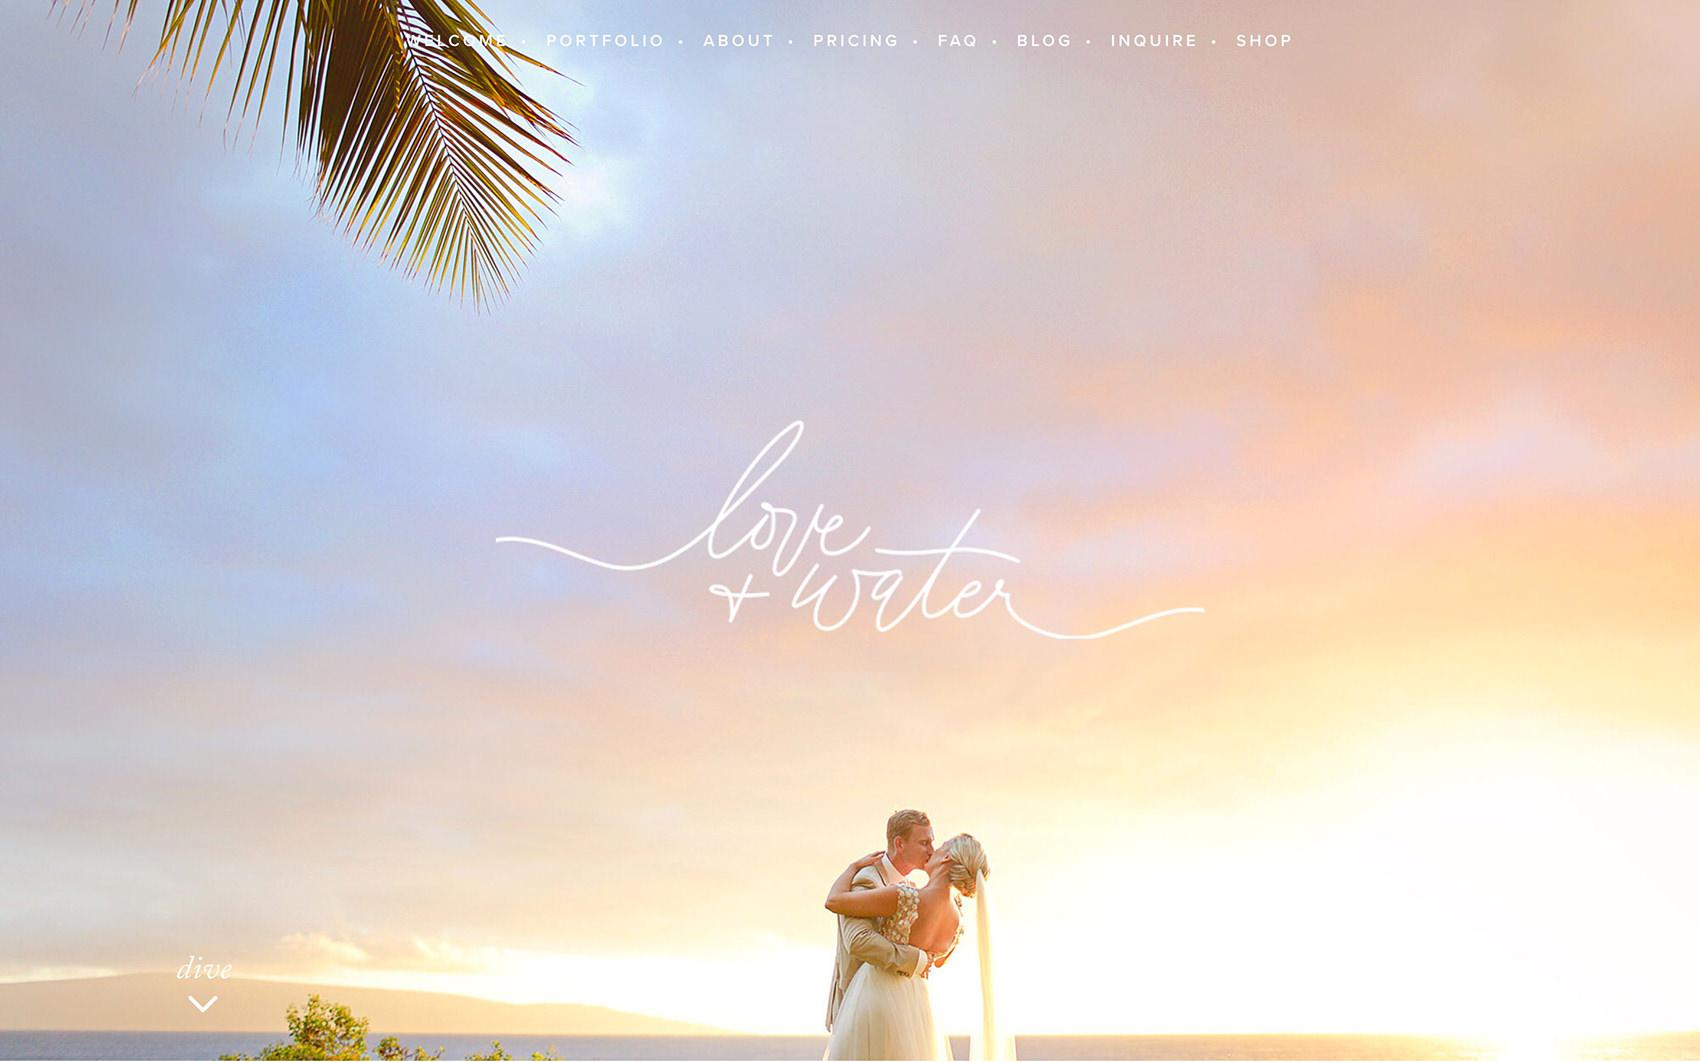 Portafolios de fotografía: Amor y Agua